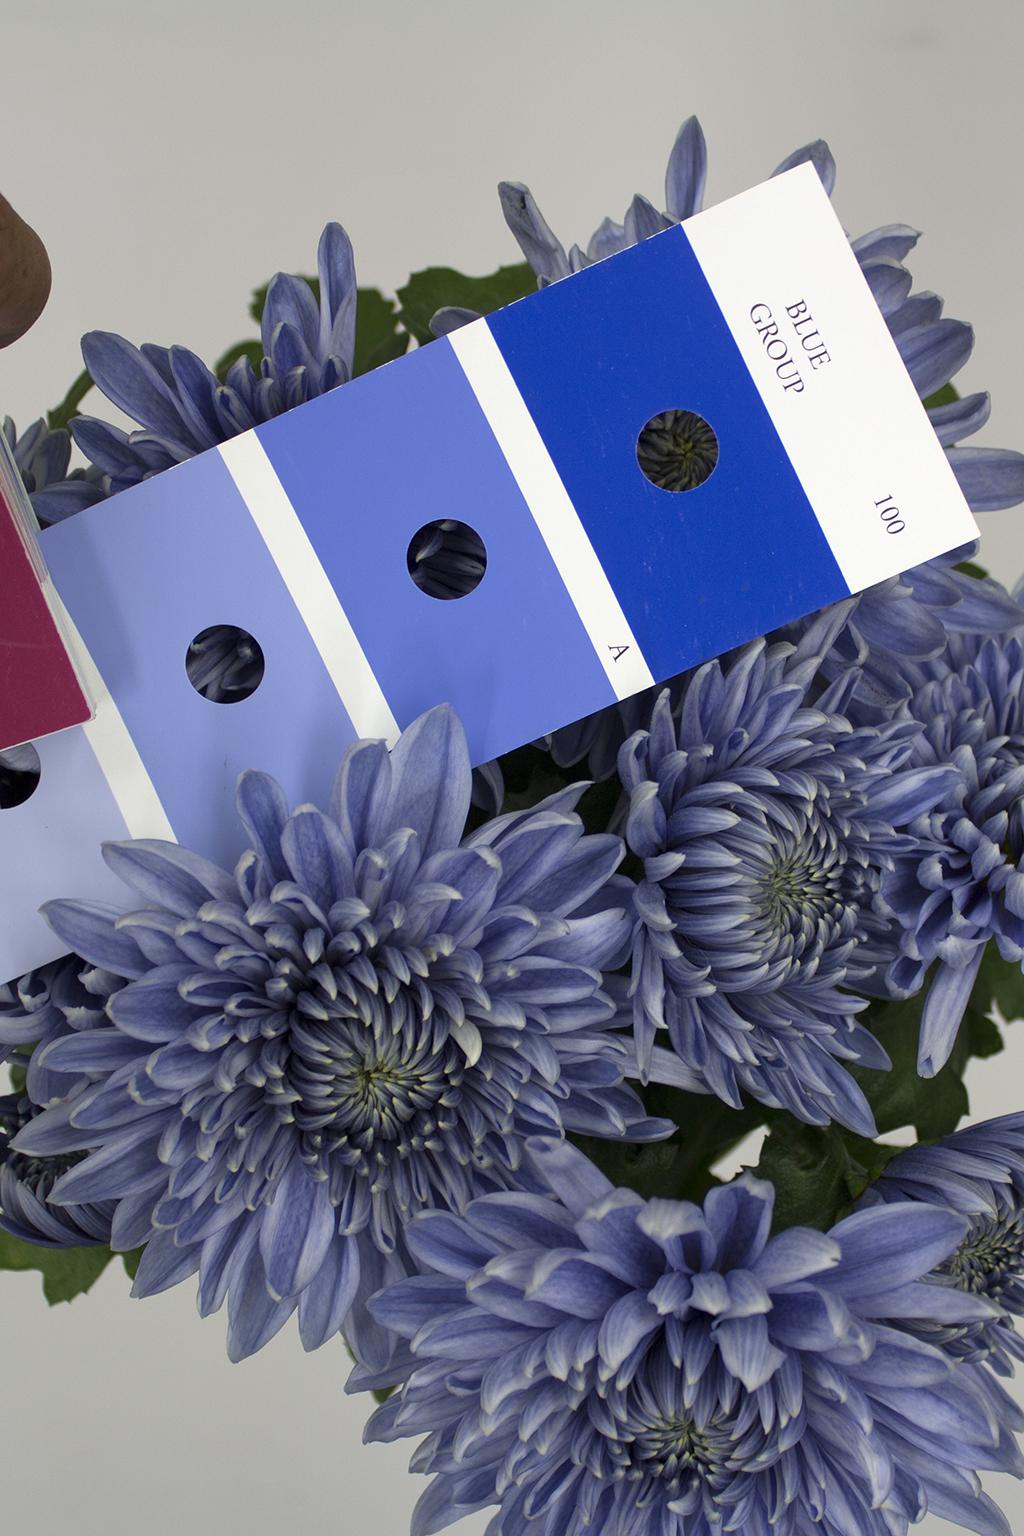 Der Vergleich mit der Farbtafel der Royal Horticultural Society bestätigt es. Die Blüten der Chrysanthemen sind offiziell blau.